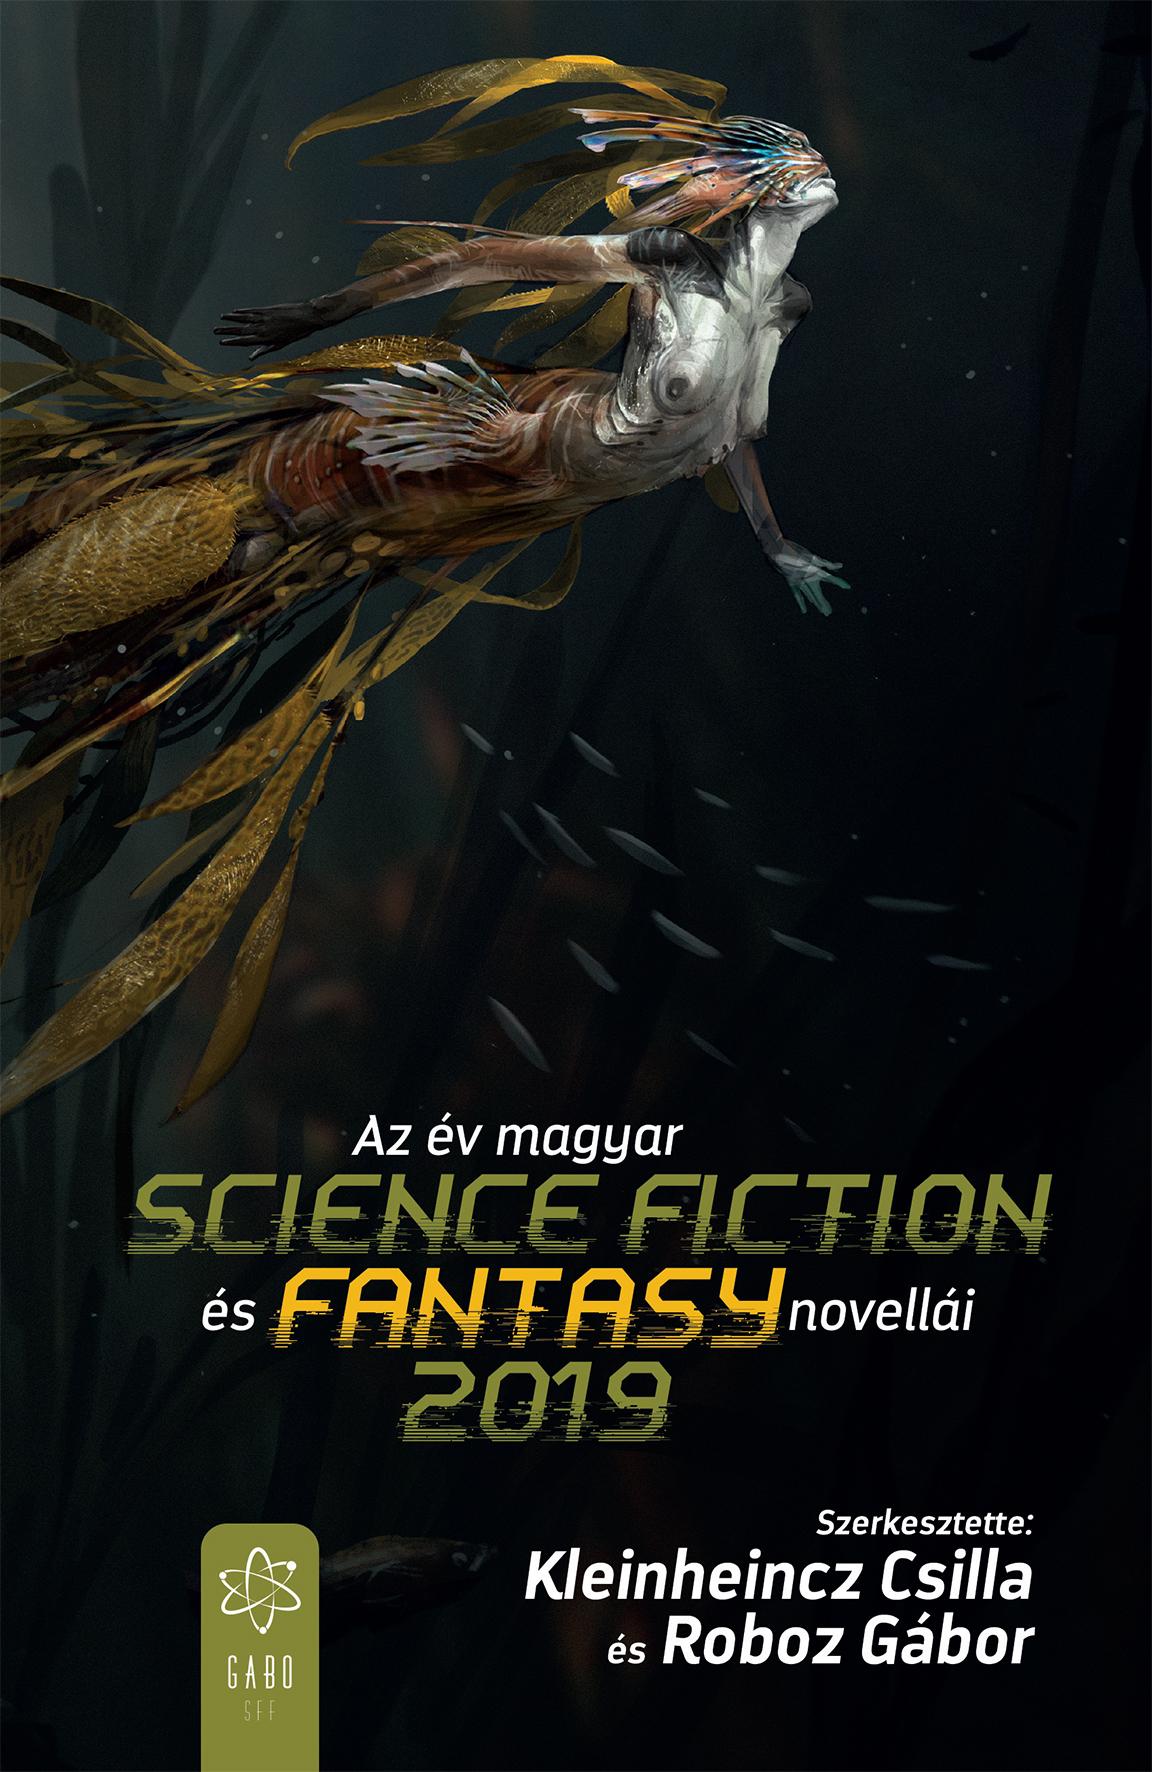 az_ev_magyar_sci-fi_es_fantasy_novellai2019_media.jpg